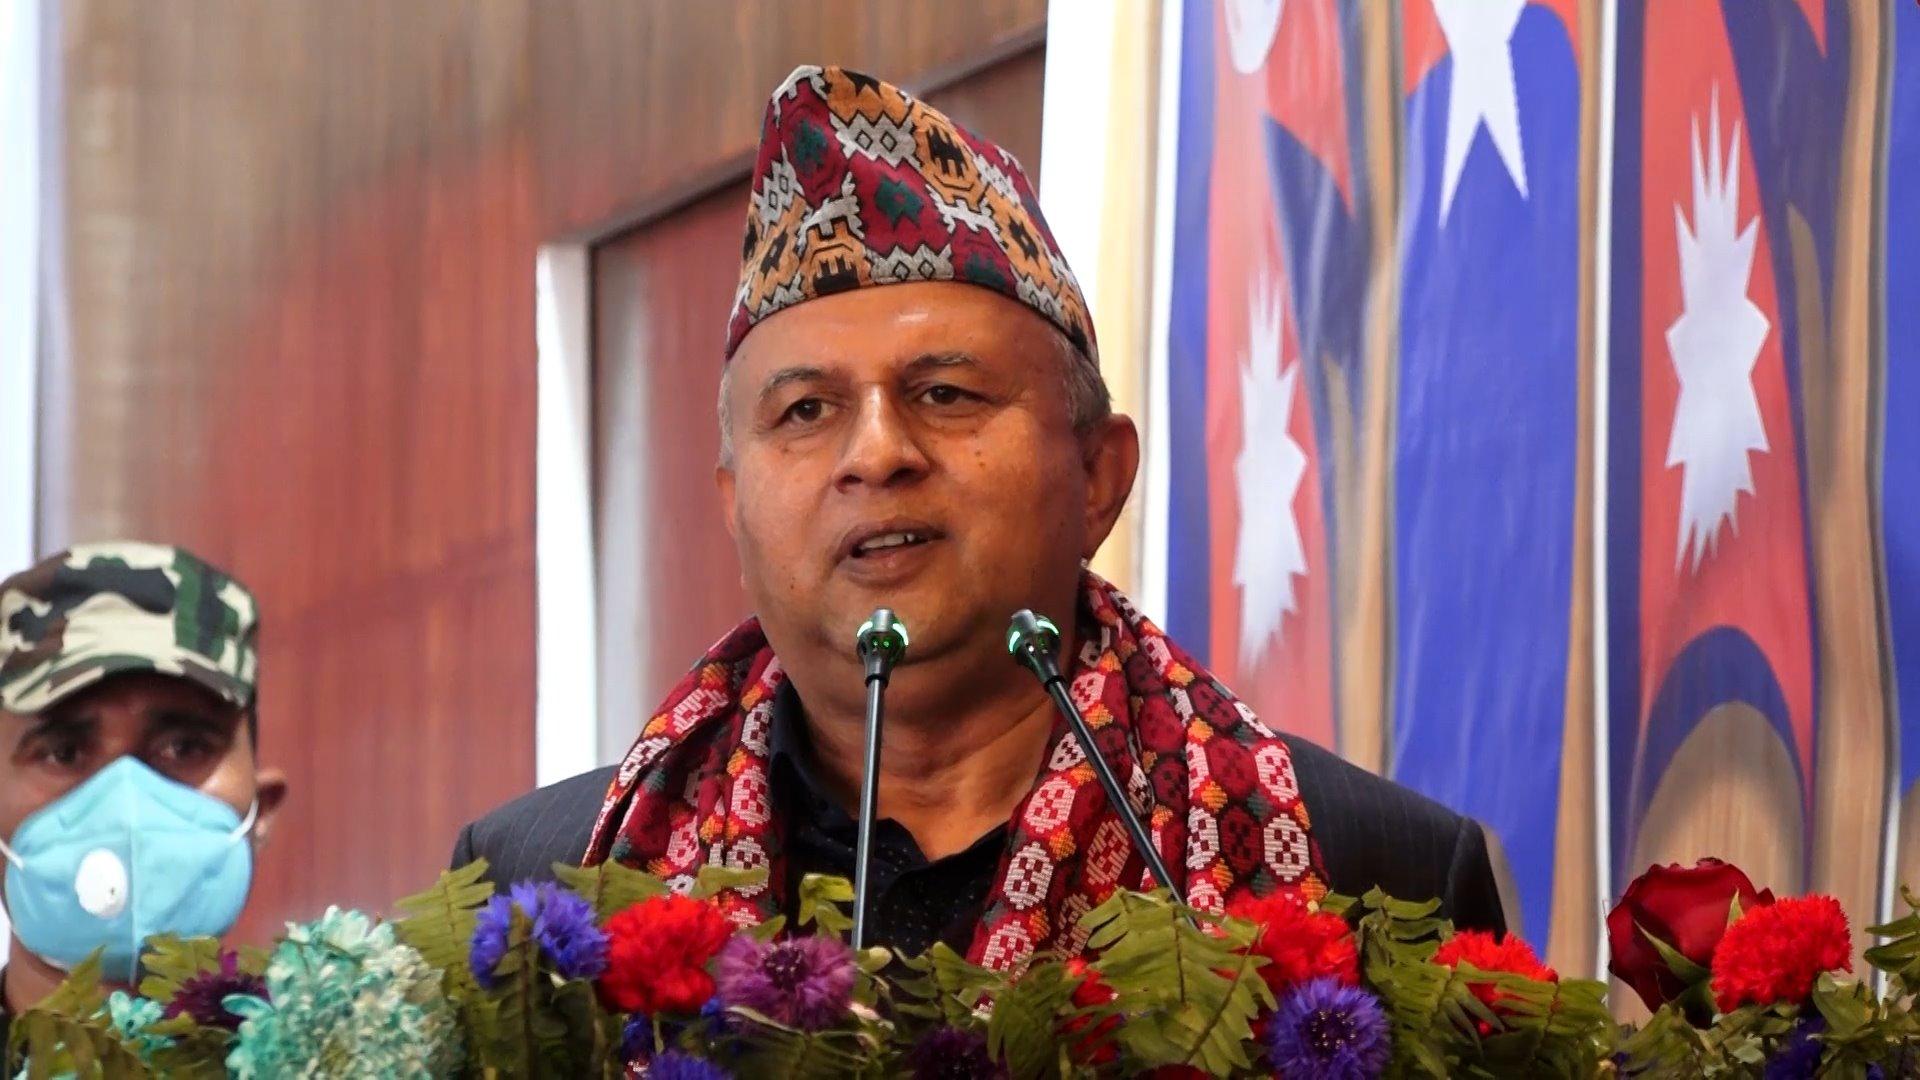 लुम्बिनीको मन्त्रिपरिषद् विस्तार, को-को थपिए मन्त्री ?